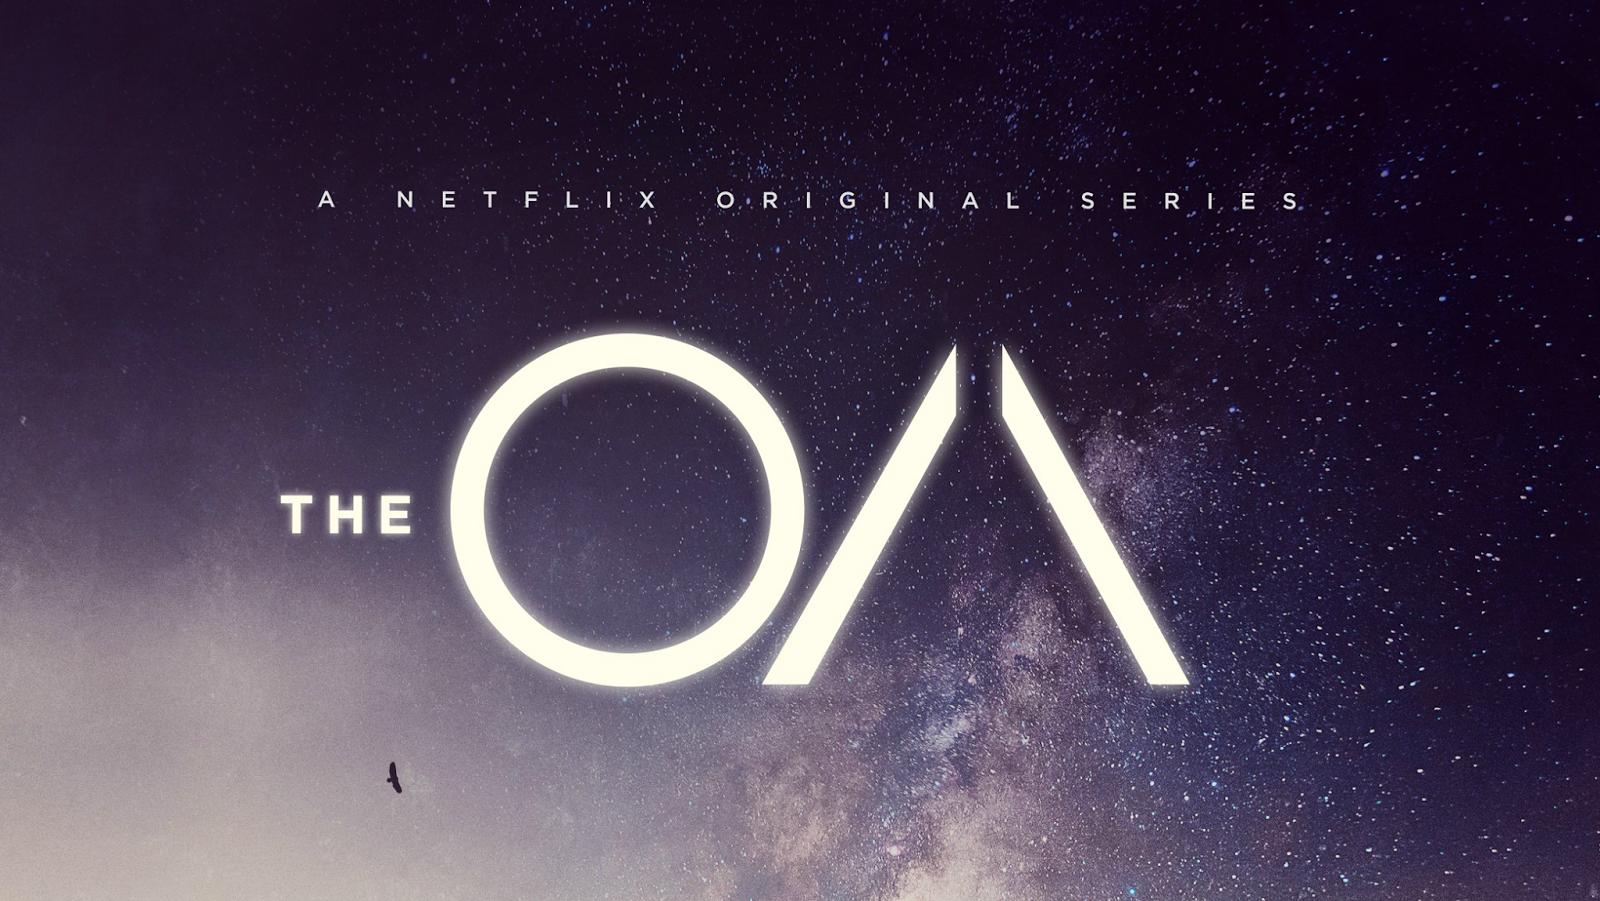 Трейлер второго сезона сериала The OA